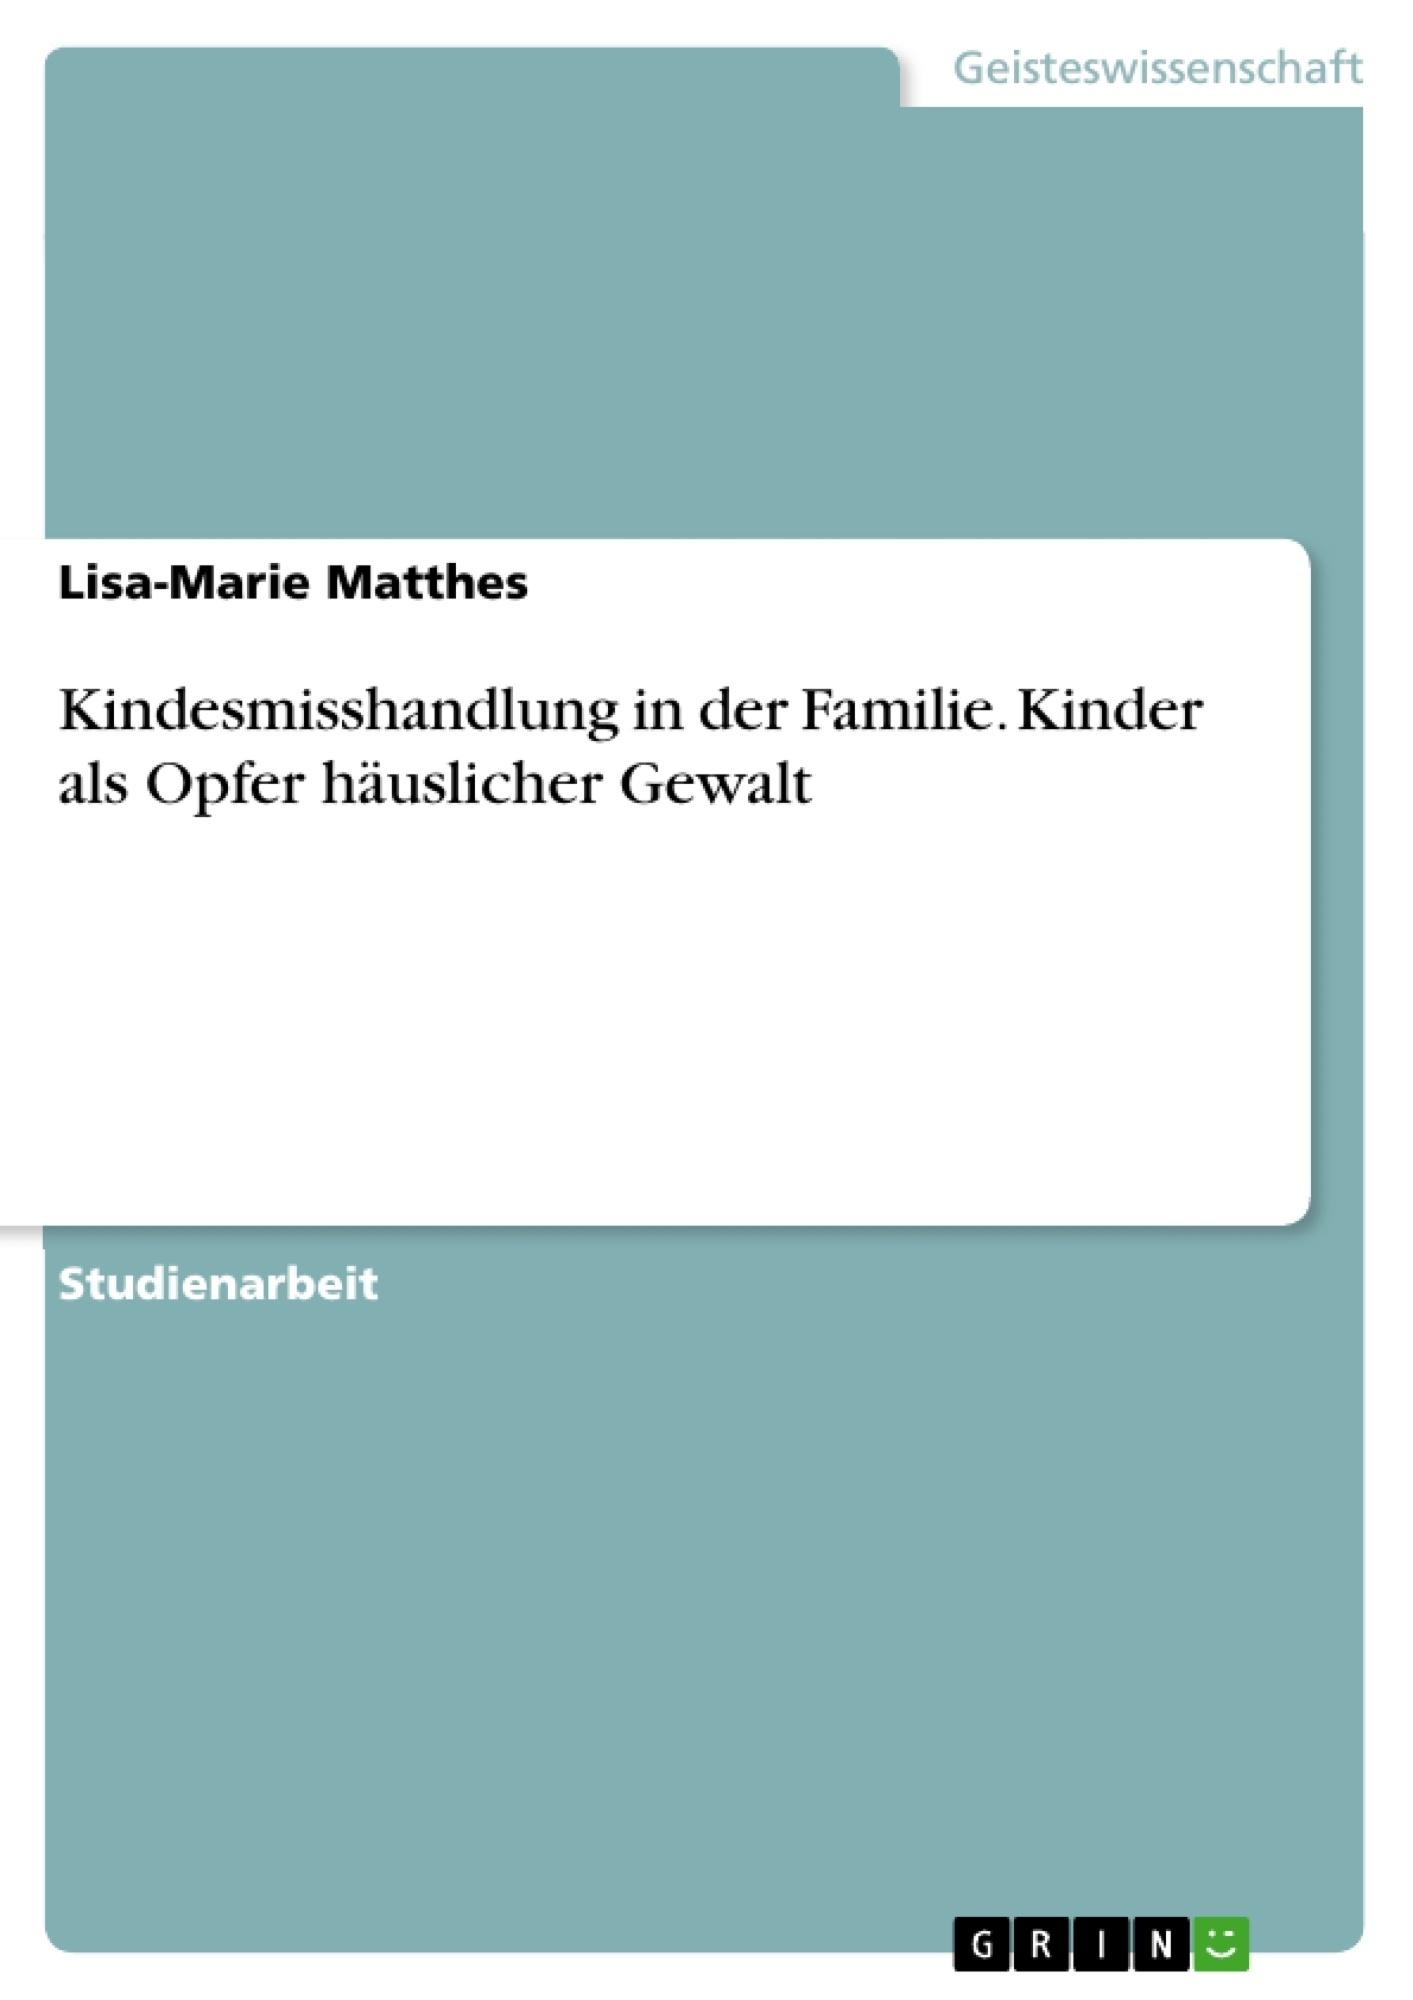 Titel: Kindesmisshandlung in der Familie. Kinder als Opfer häuslicher Gewalt